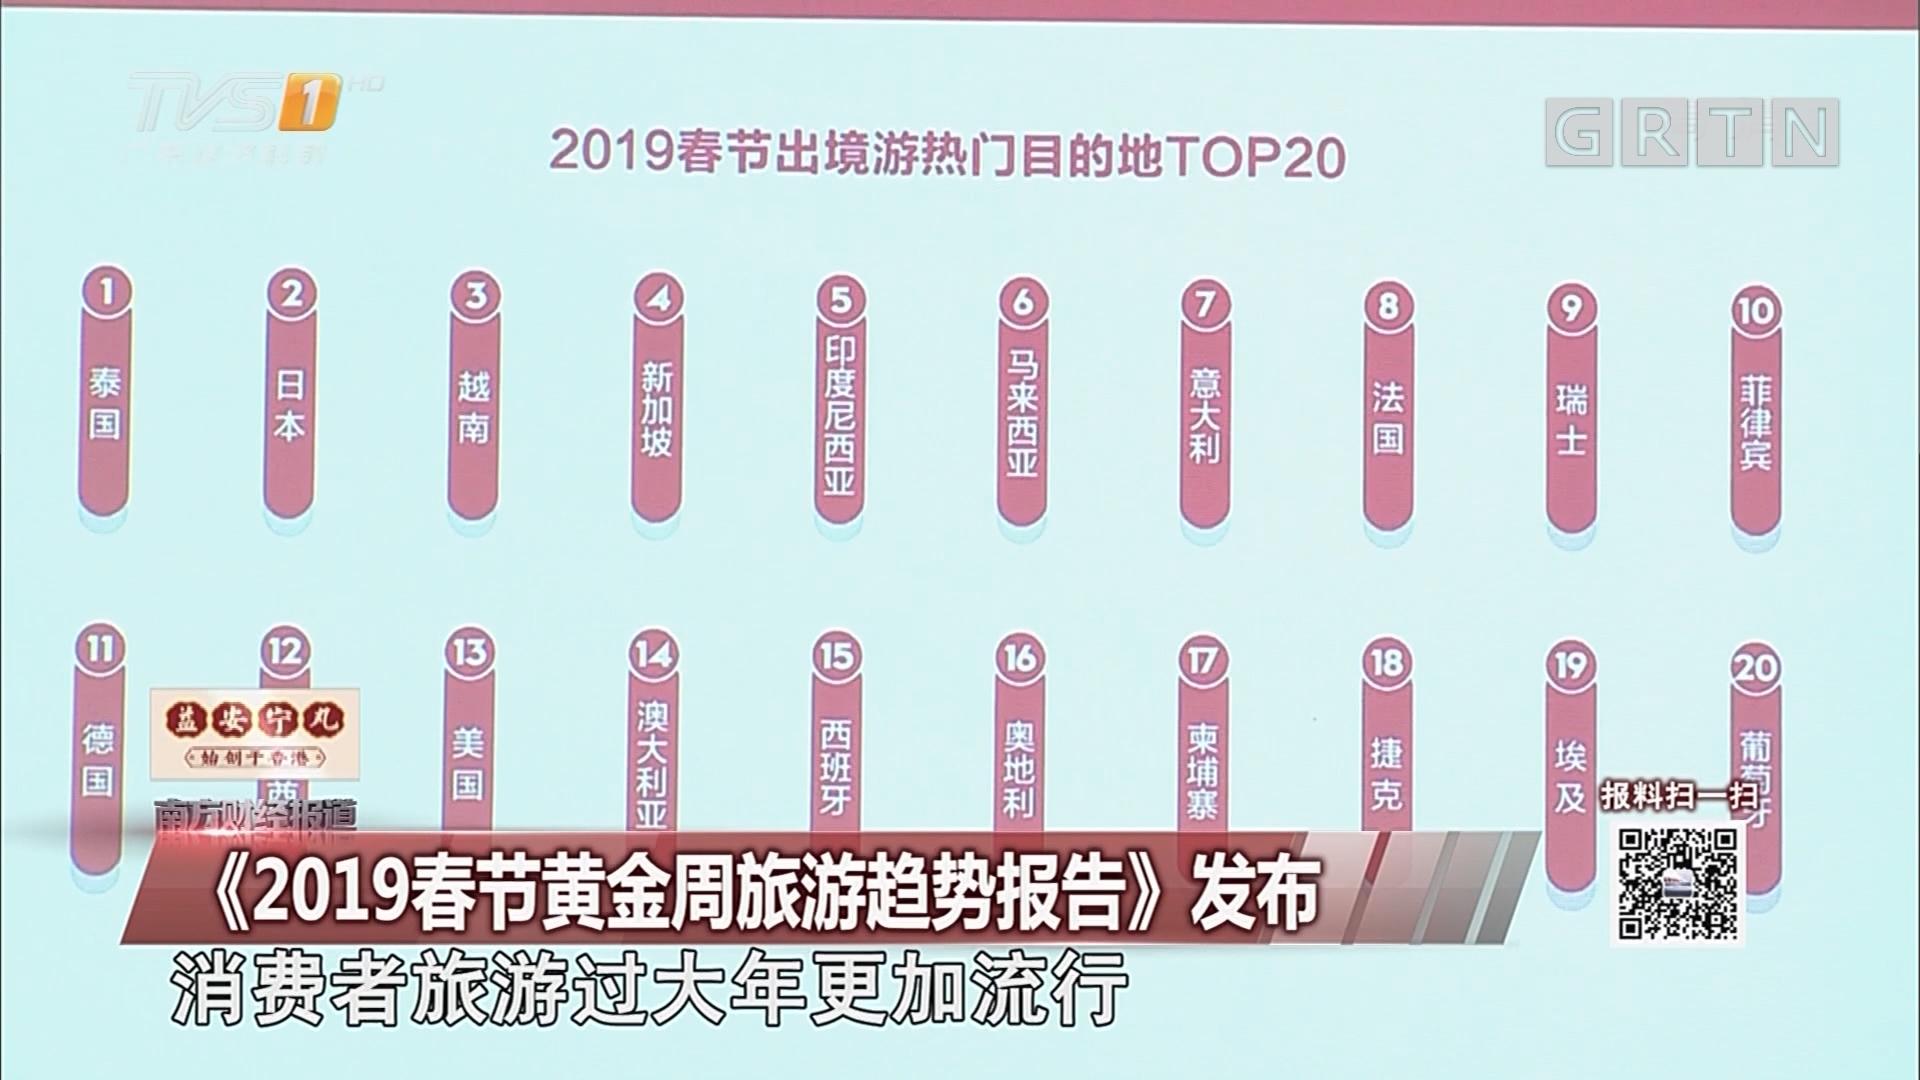 《2019春节黄金周旅游趋势报告》发布